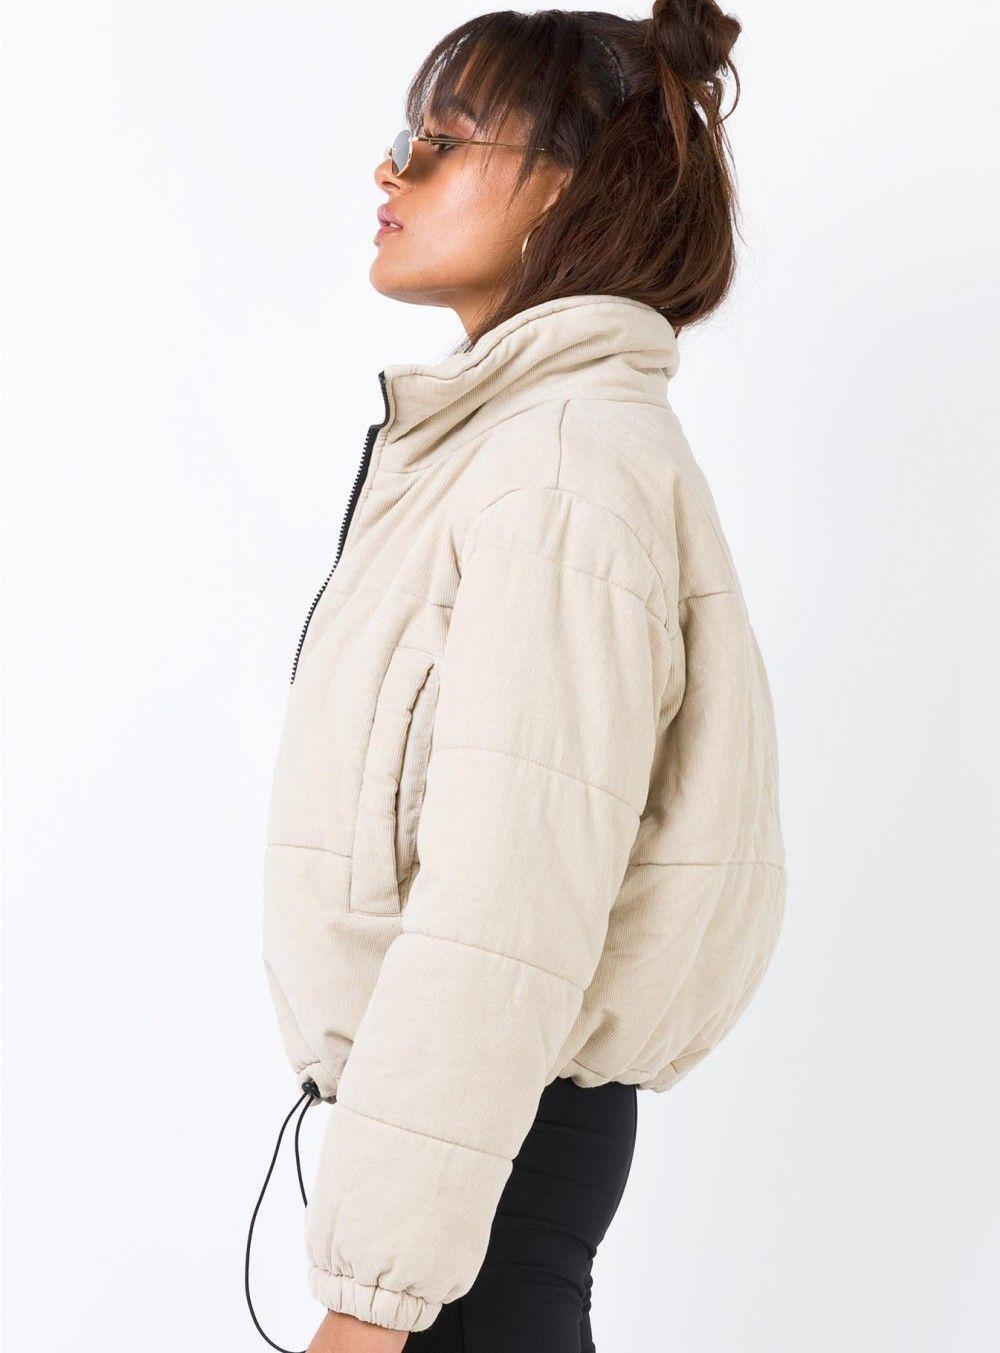 Polly Puffer Jacket Beige In 2021 Jackets Beige Puffer Jacket Puffer Jackets [ 1353 x 1000 Pixel ]